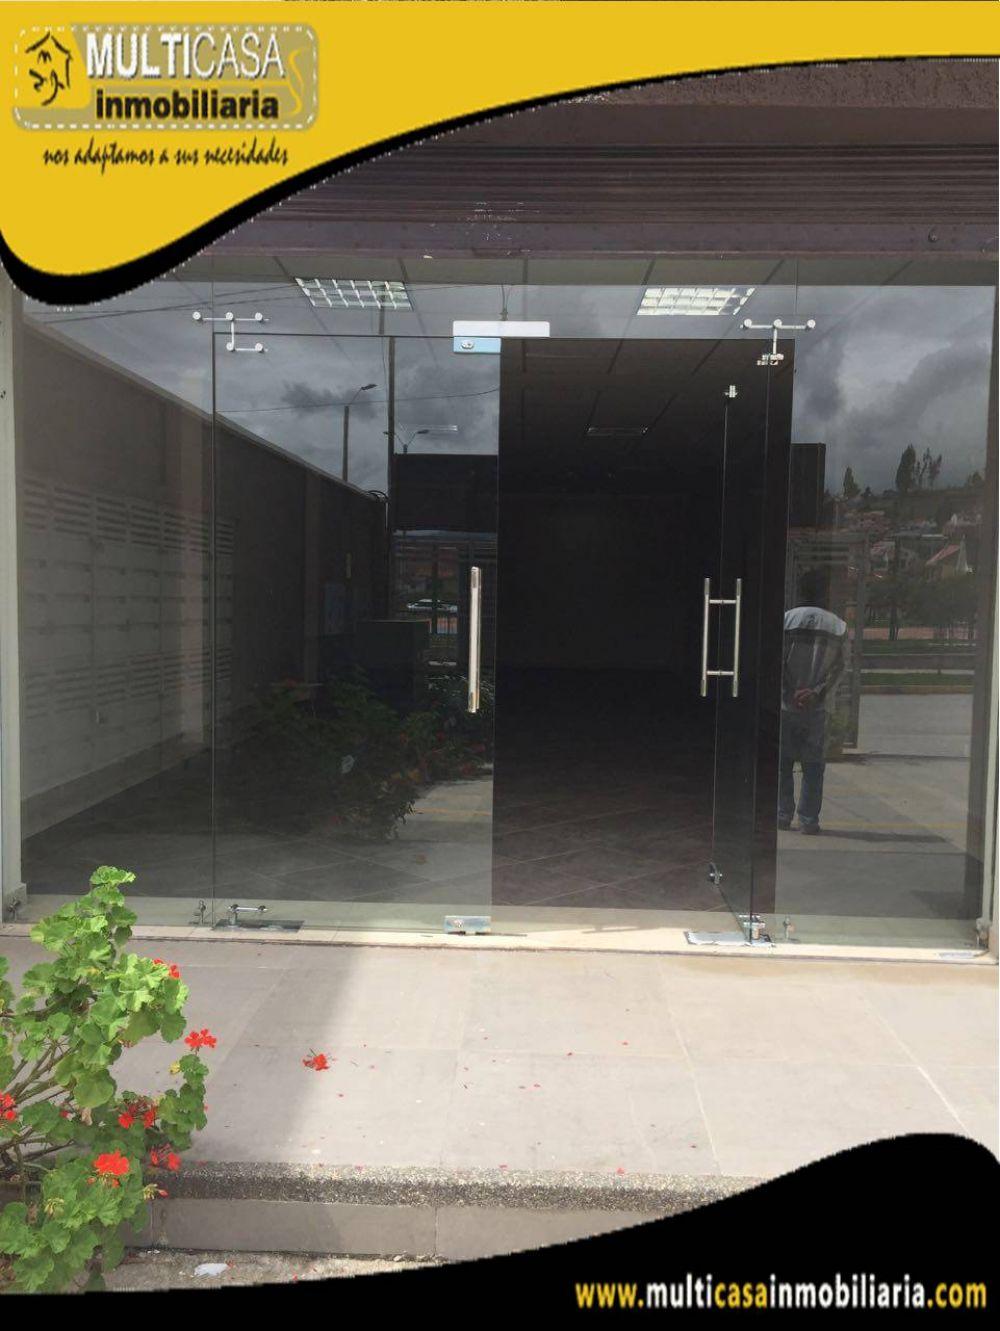 Arriendo Local Comercial con garaje para dos vehículos Sector Super Stock Cuenca-Ecuador